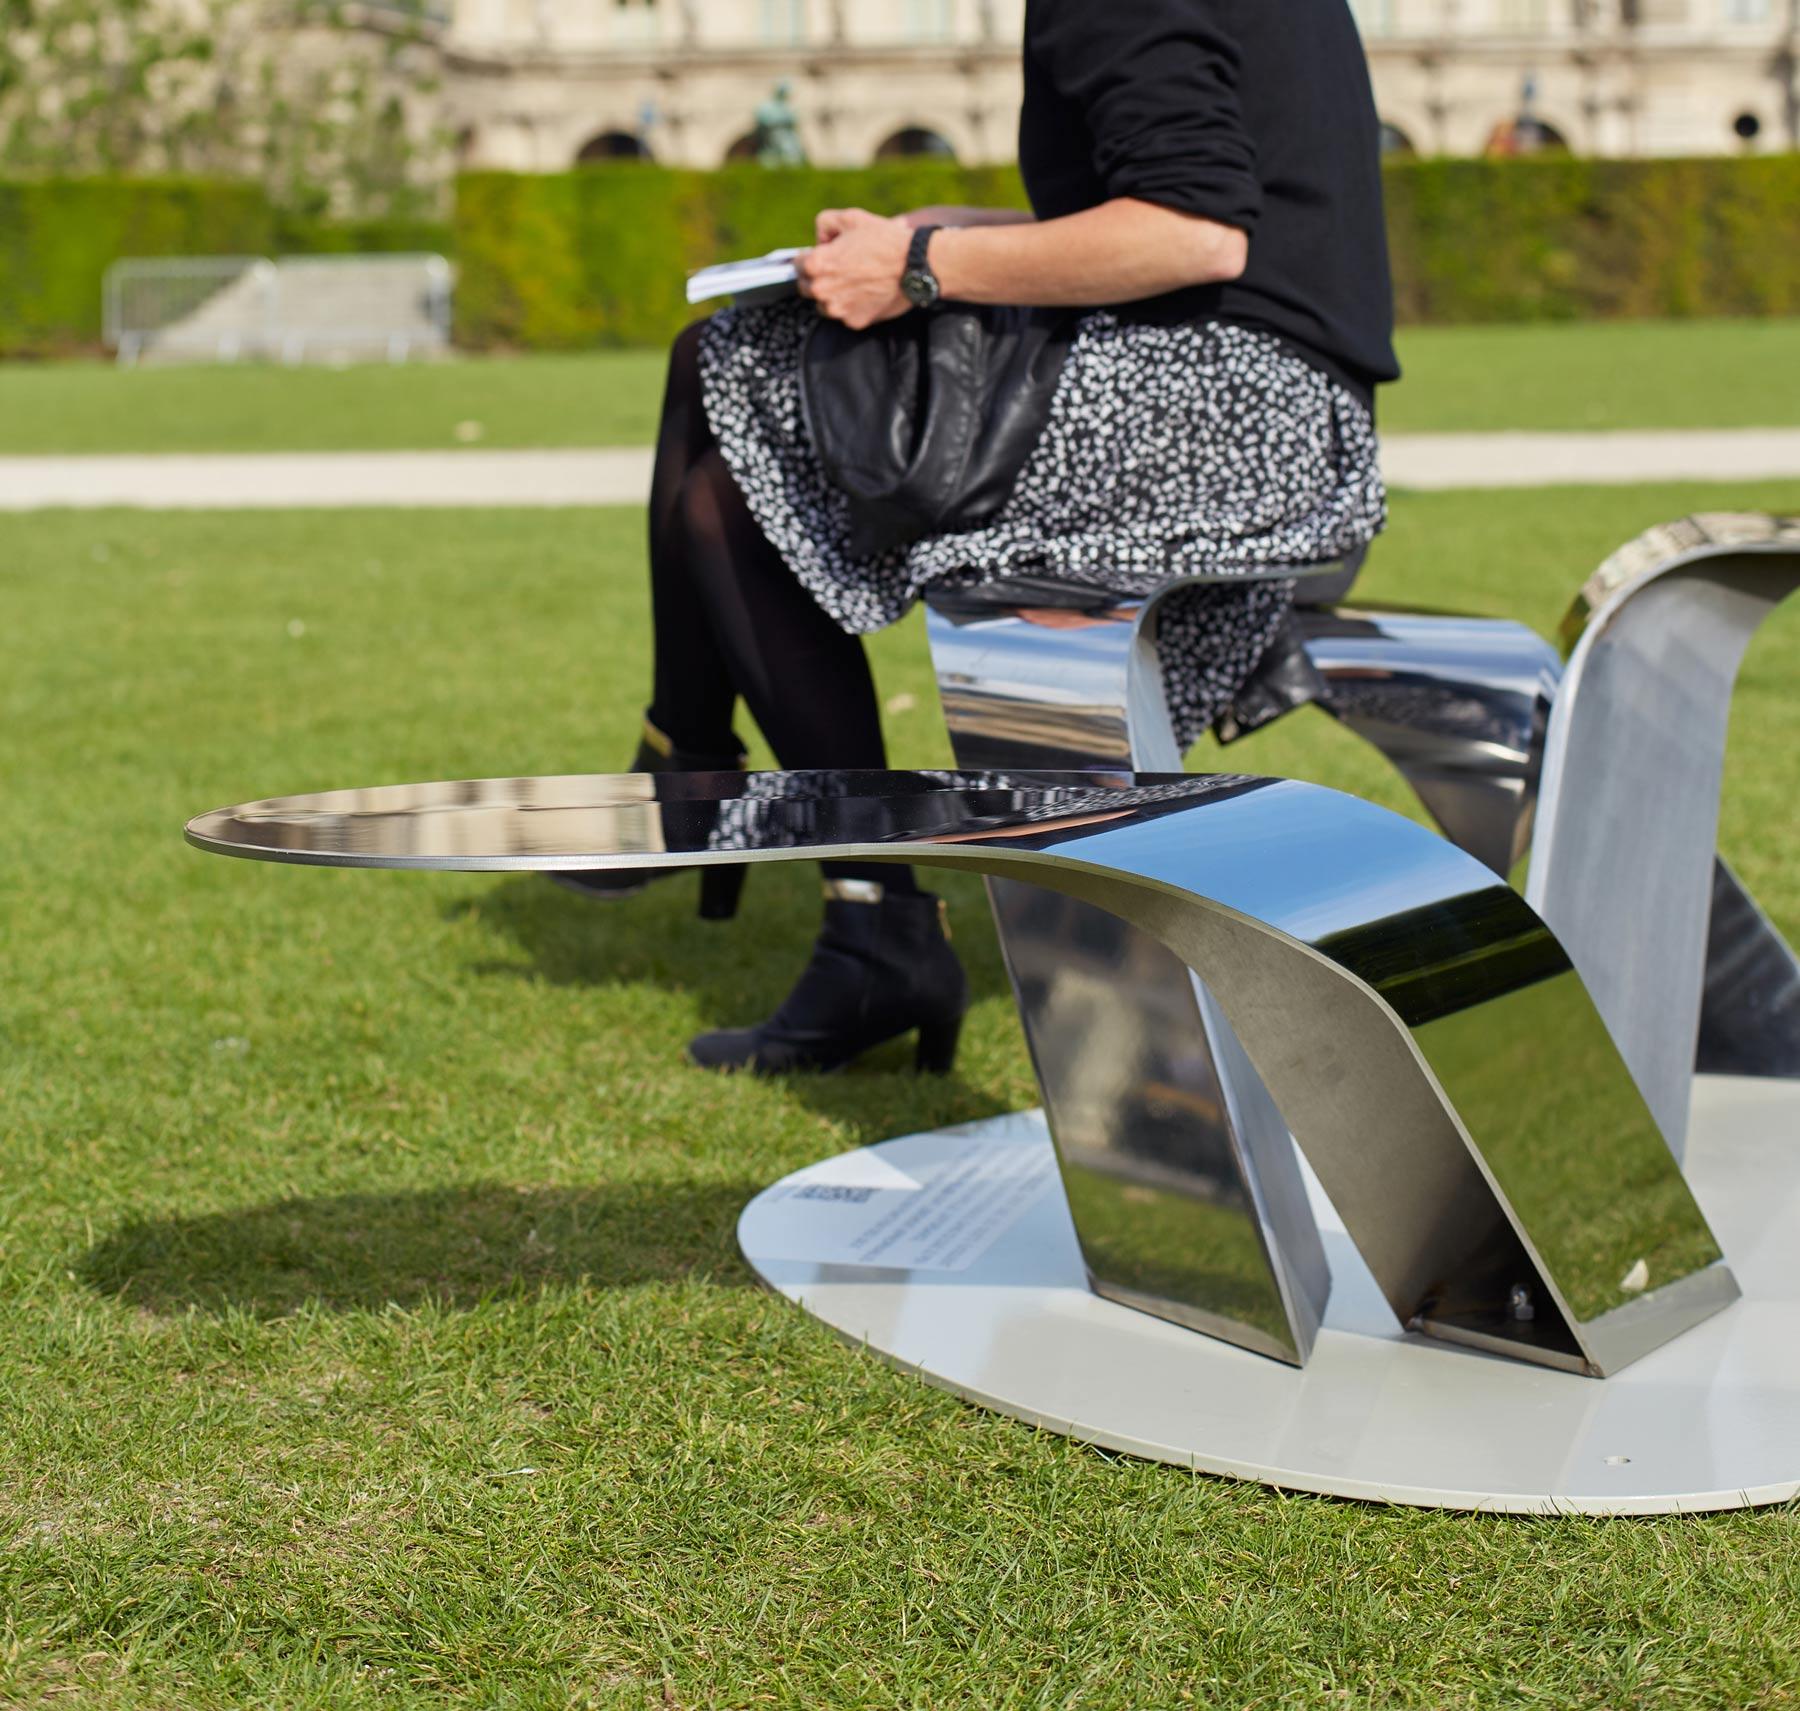 objets publics herbes folles banc public design franck magné mobilier urbain design